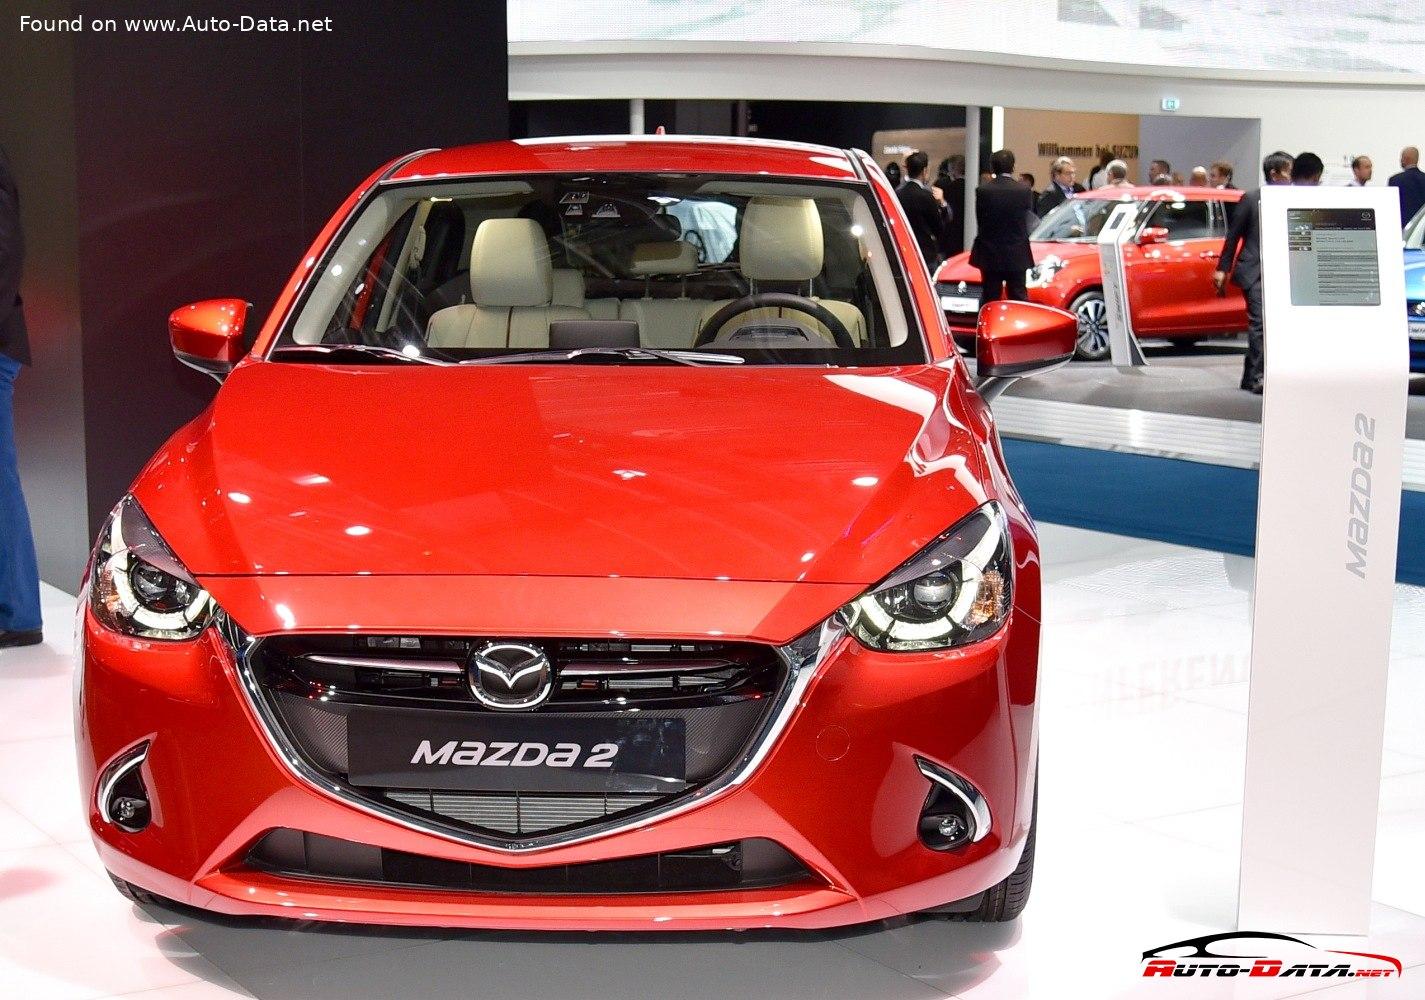 Kelebihan Kekurangan Mazda 2 2014 Spesifikasi